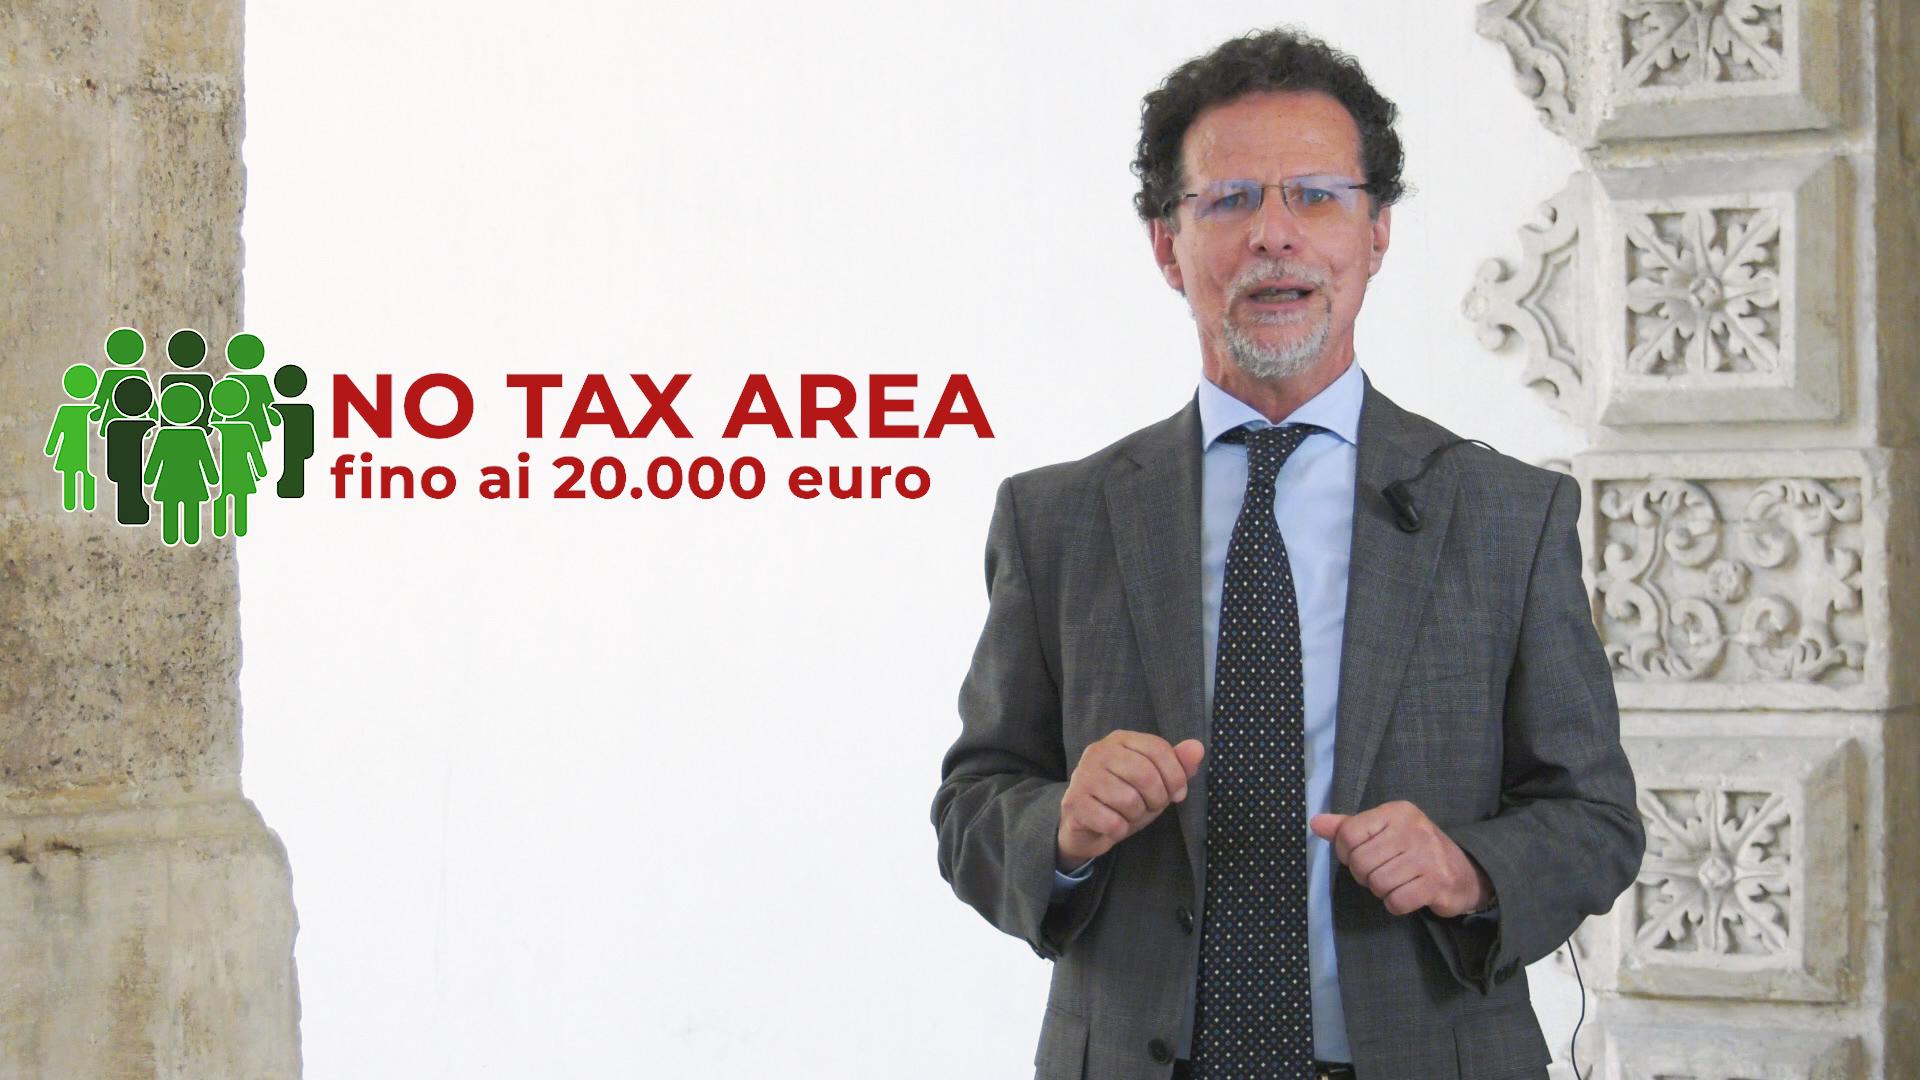 Università di Catania, no tax area fino a 20mila euro: la metà degli studenti l'anno prossimo non pagherà tasse